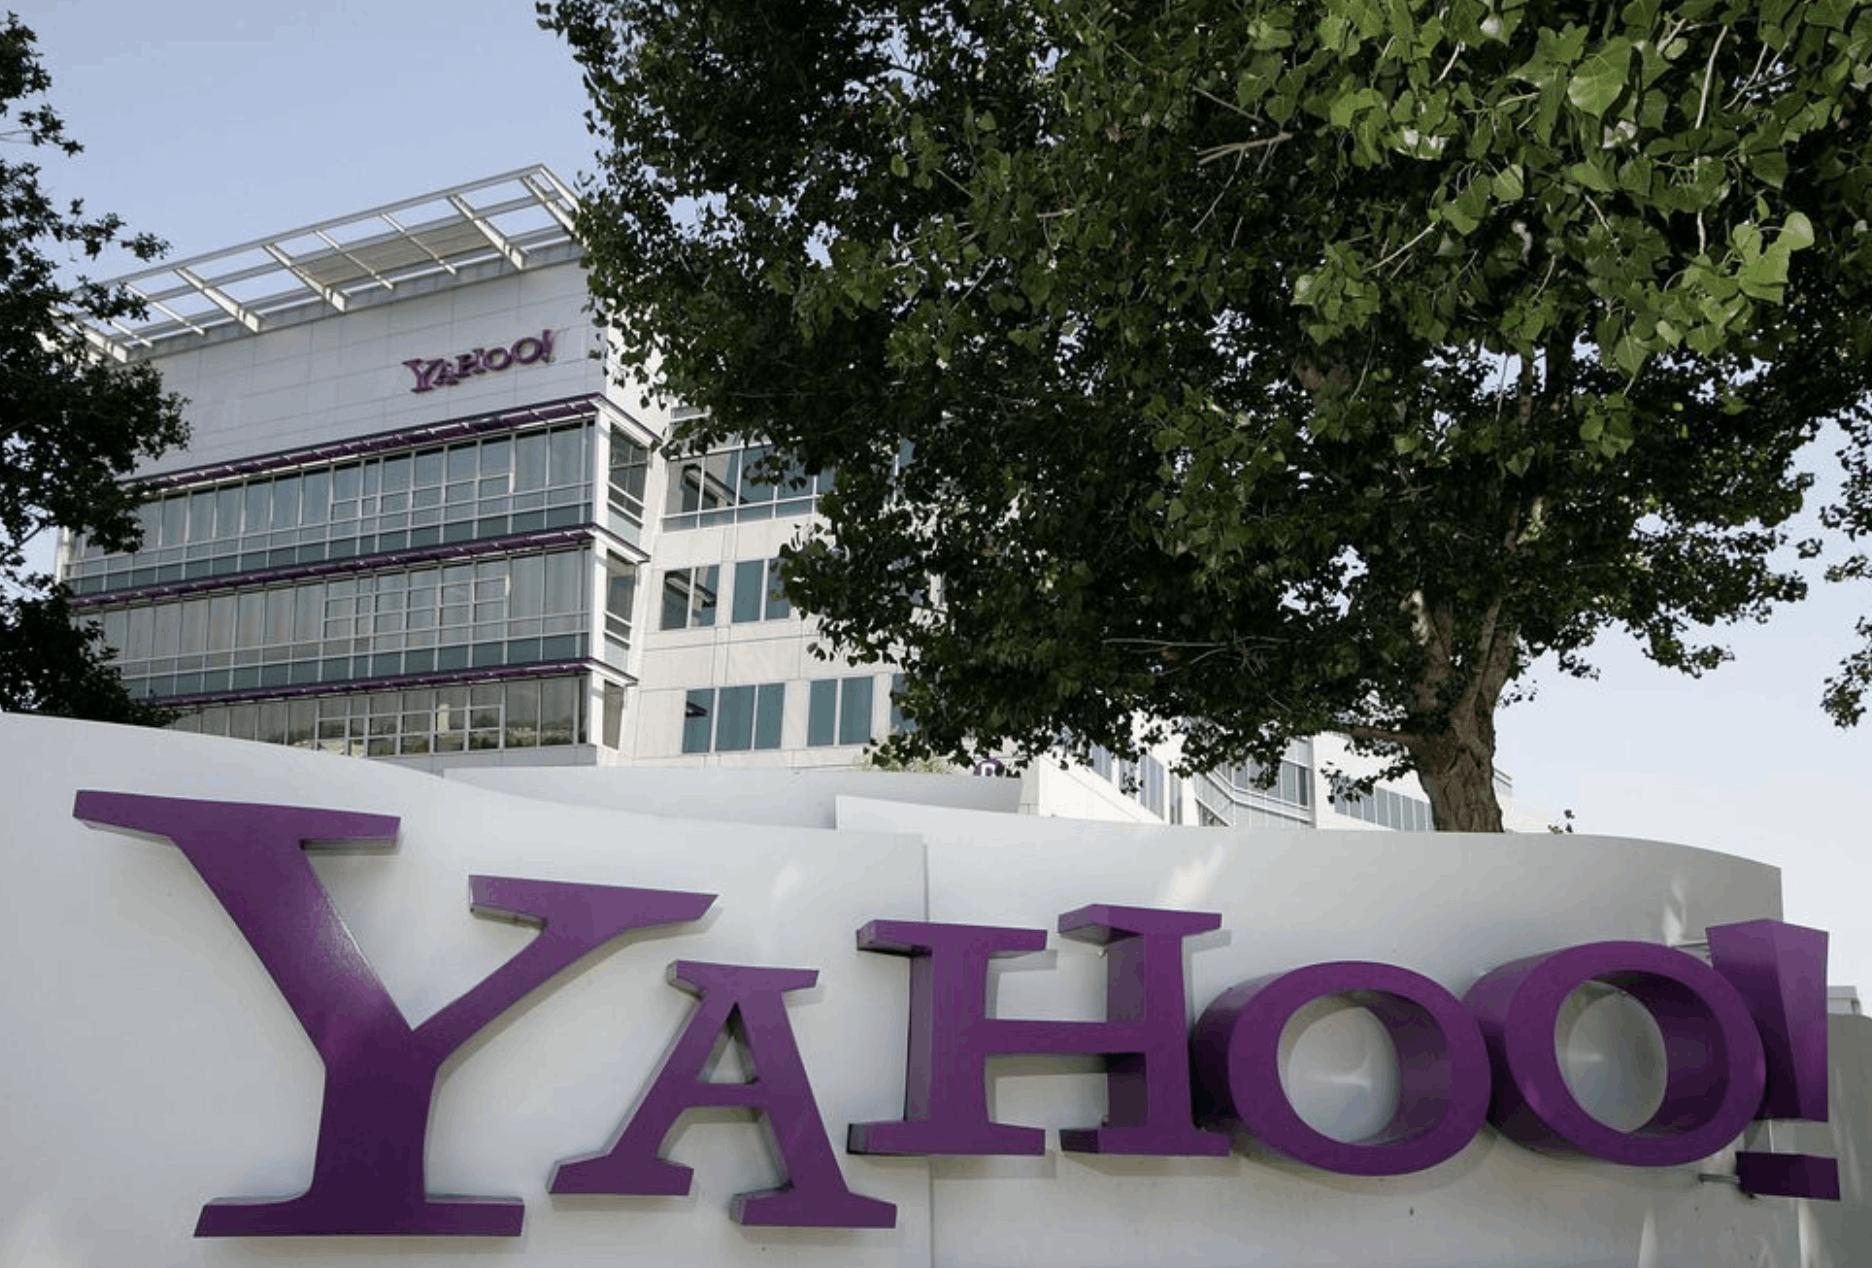 雅虎信息泄露元凶揭晓 美司法部起诉四名俄罗斯黑客